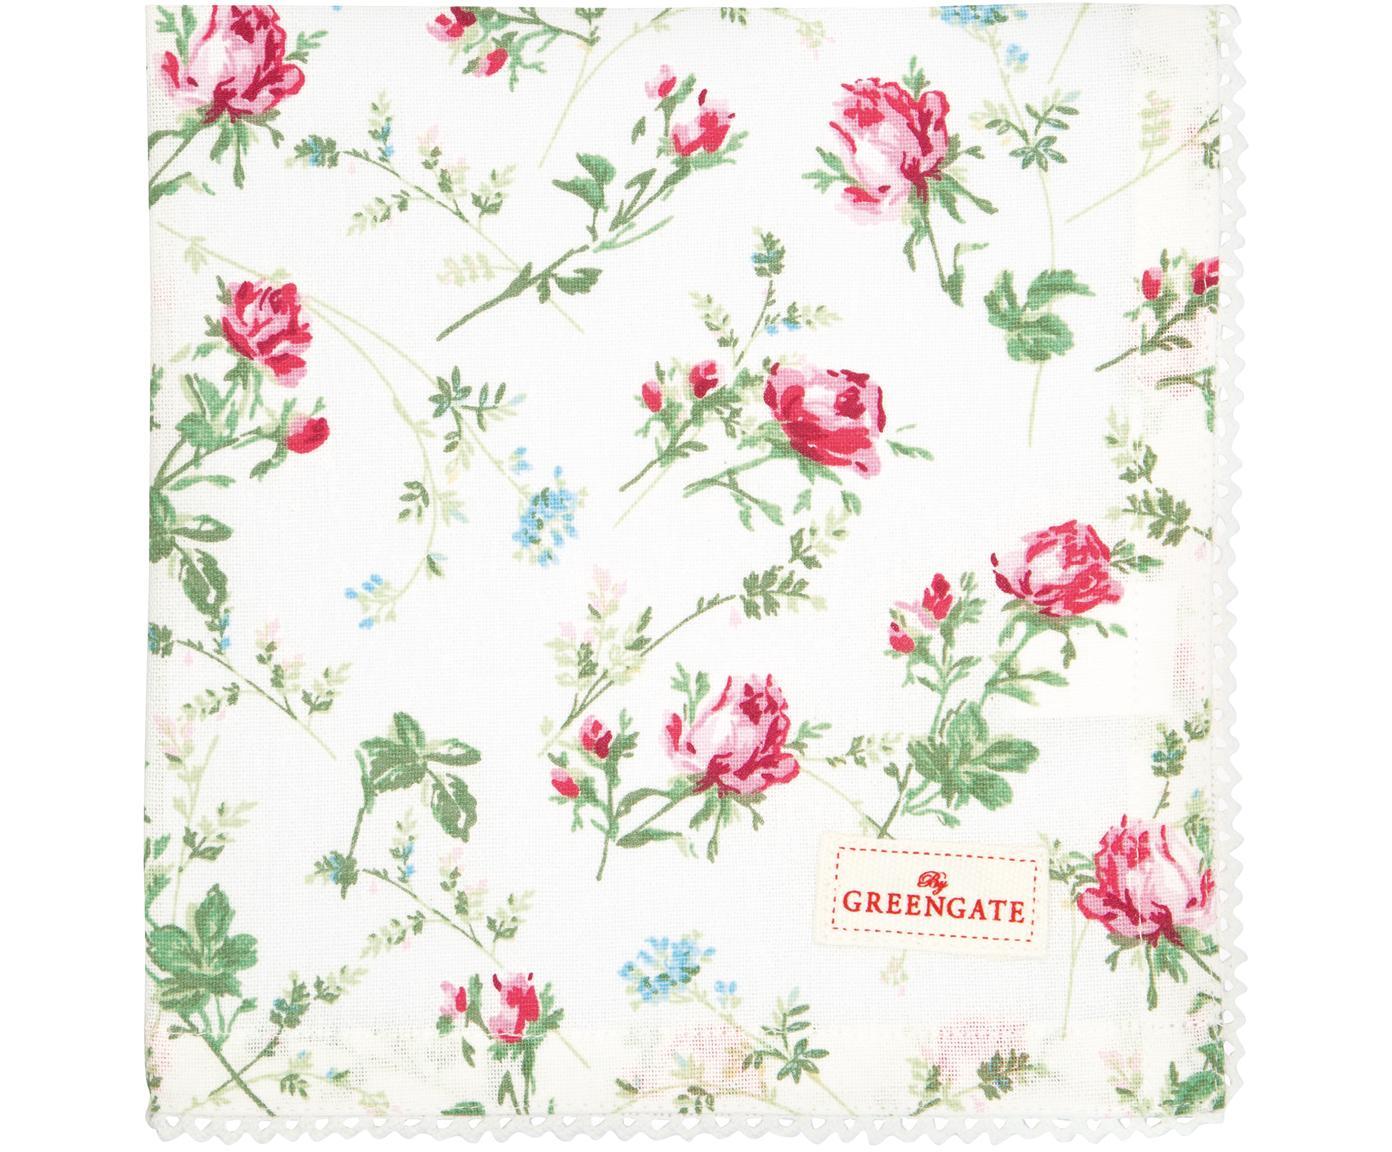 Serwetki z bawełny Constance, 2 szt., Bawełna, Biały, wielobarwny, S 40 x D 40 cm